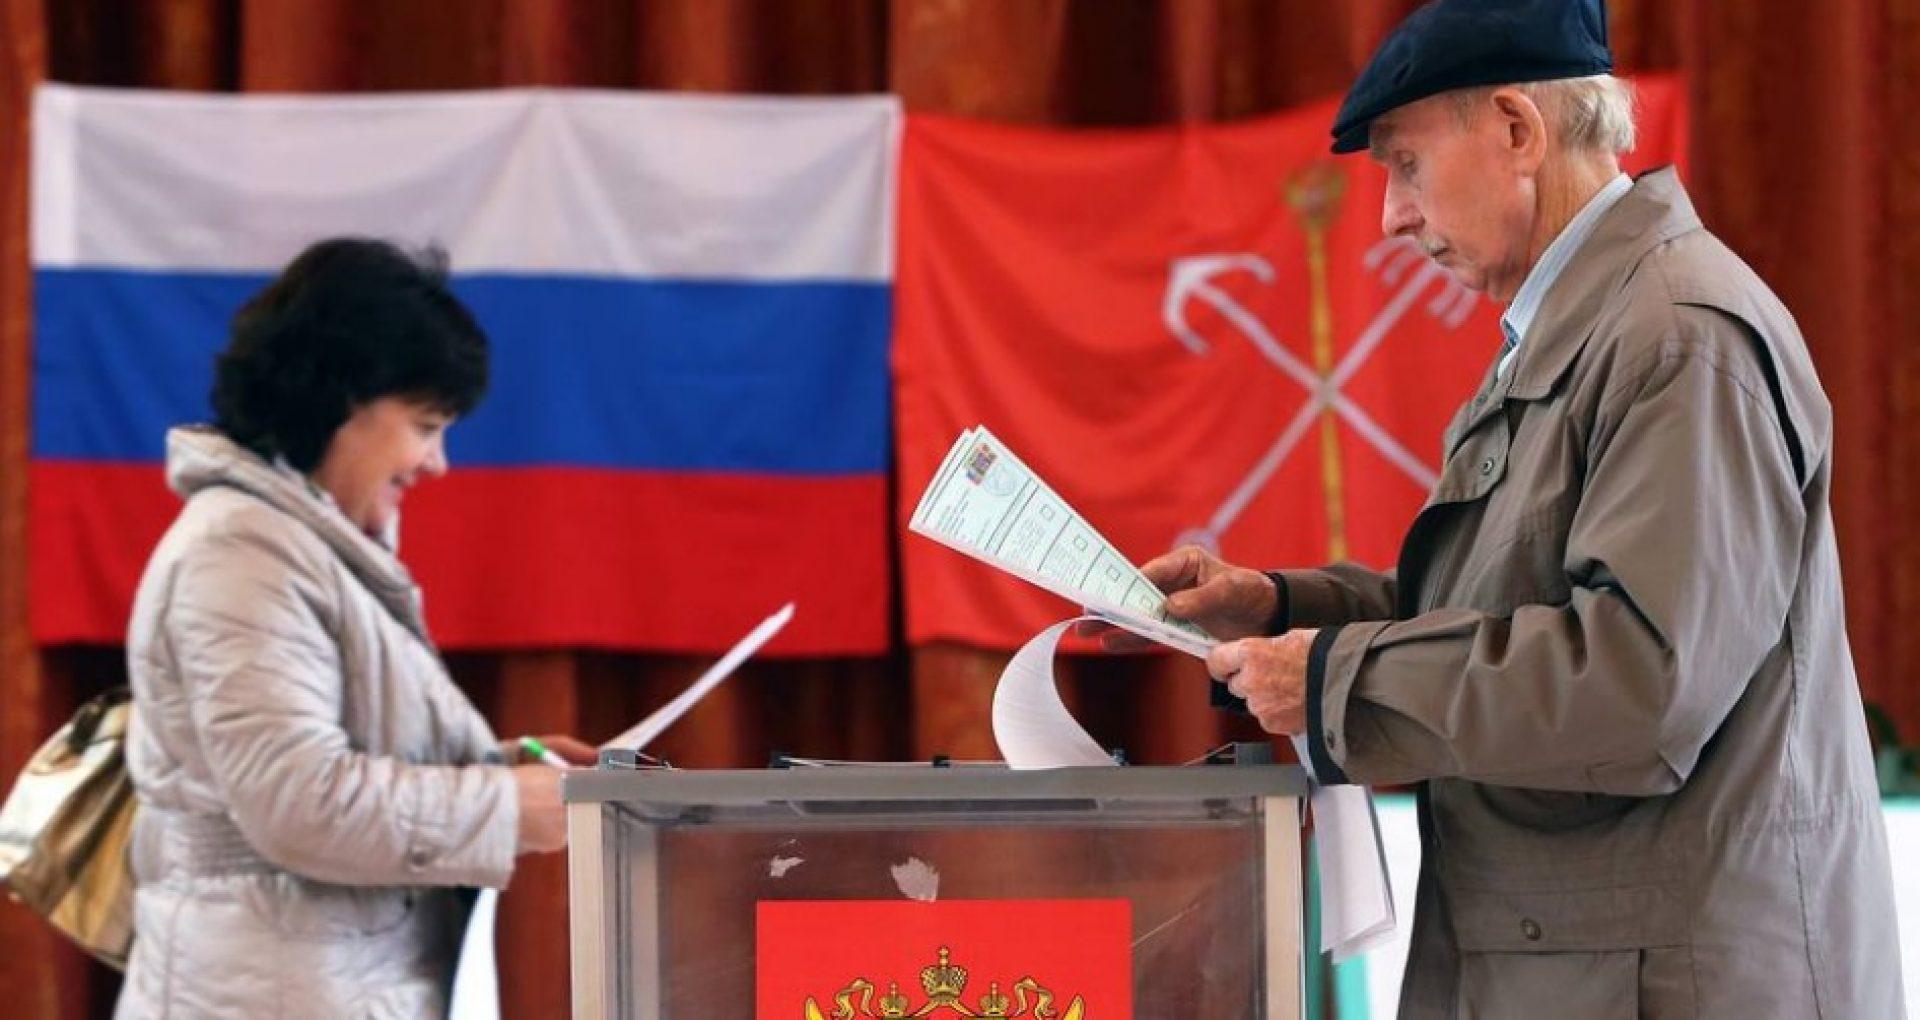 """Alegeri legislative în Rusia: Acuzații de fraudă, atacuri informatice """"din străinătate"""" și interdicție de vot pentru reprezentanţi ai opoziţiei"""